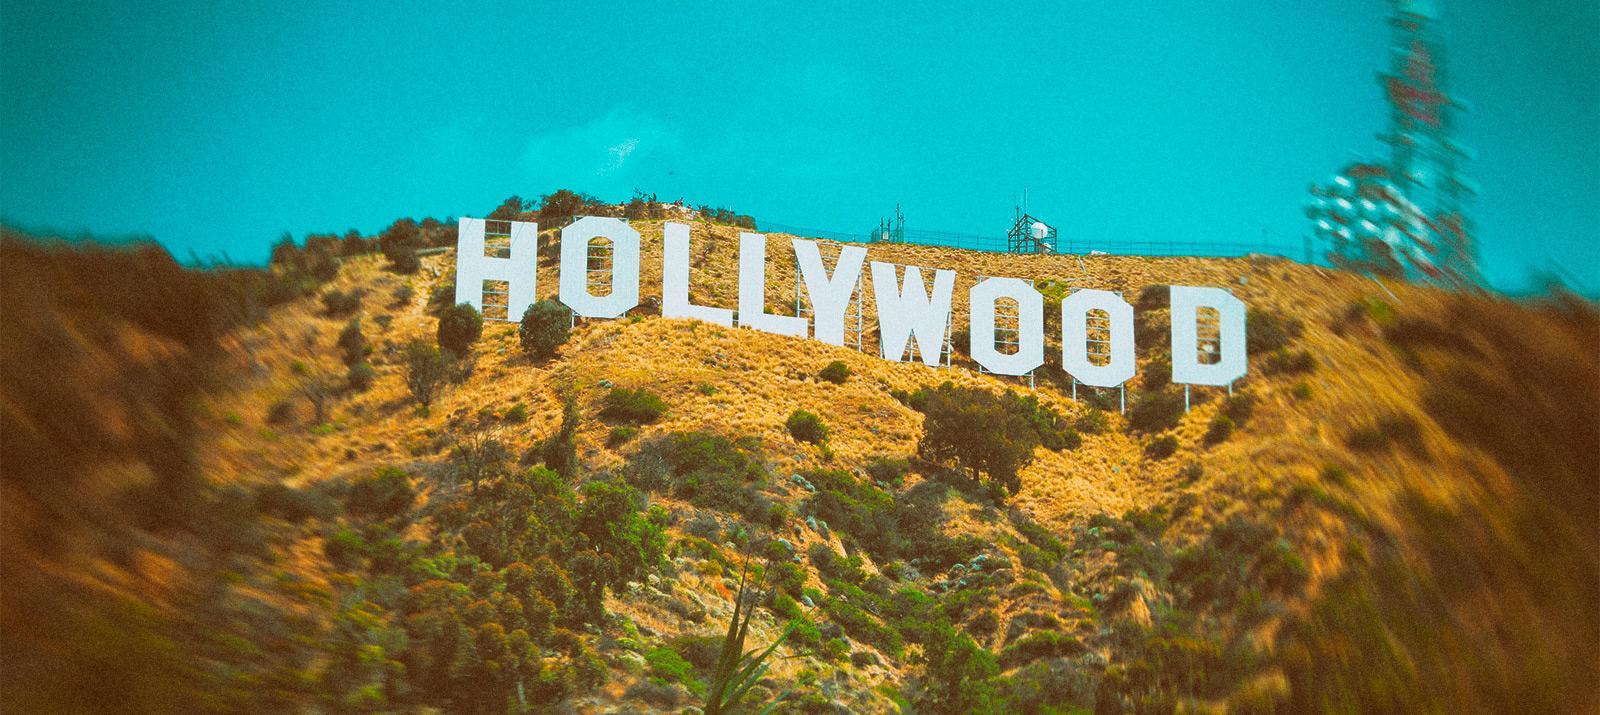 Мнение: Я больше не верю в голливудскую толерантность и инклюзивность